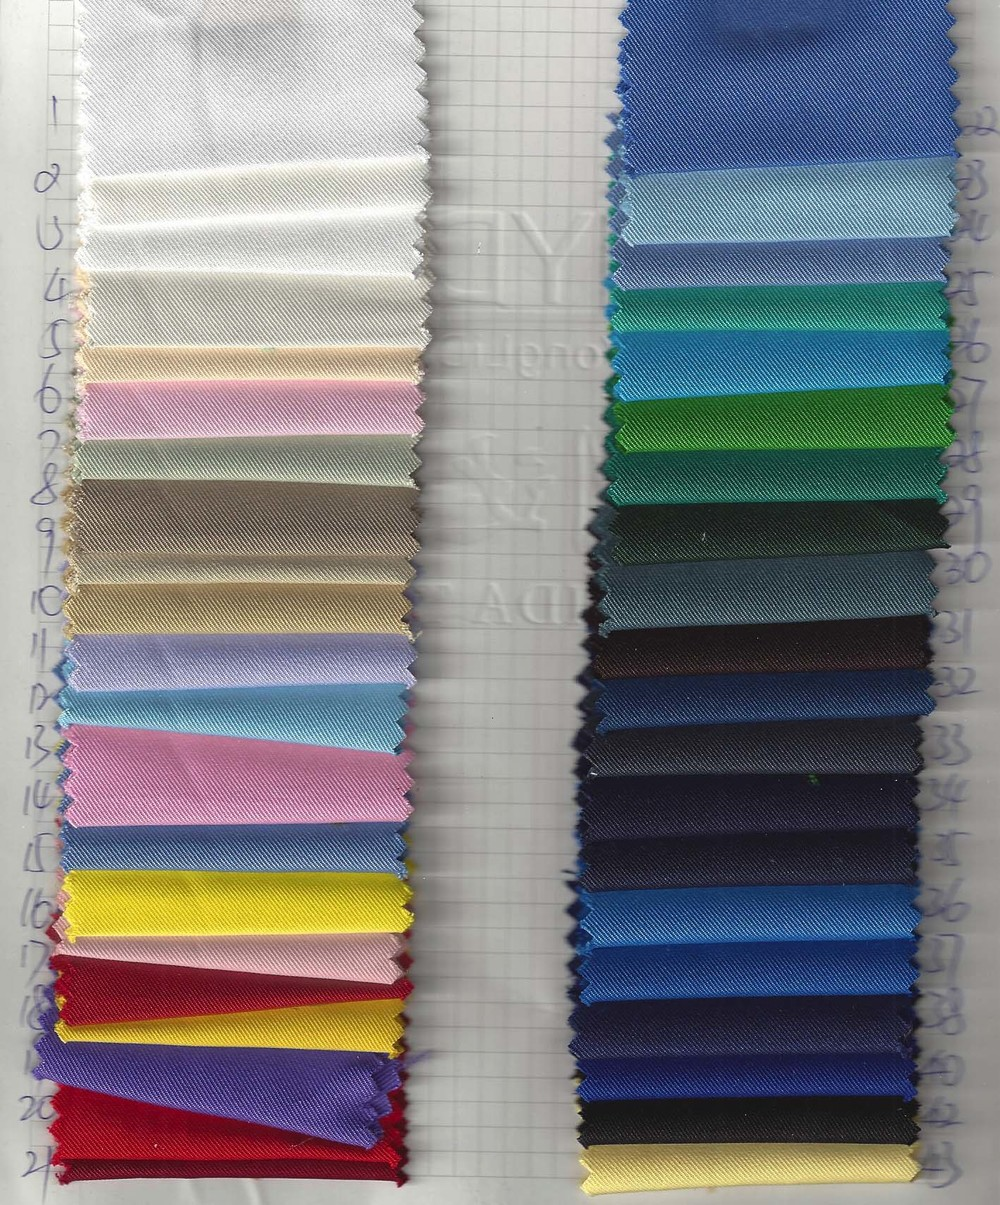 Yonglida Textile woven poly.jpg